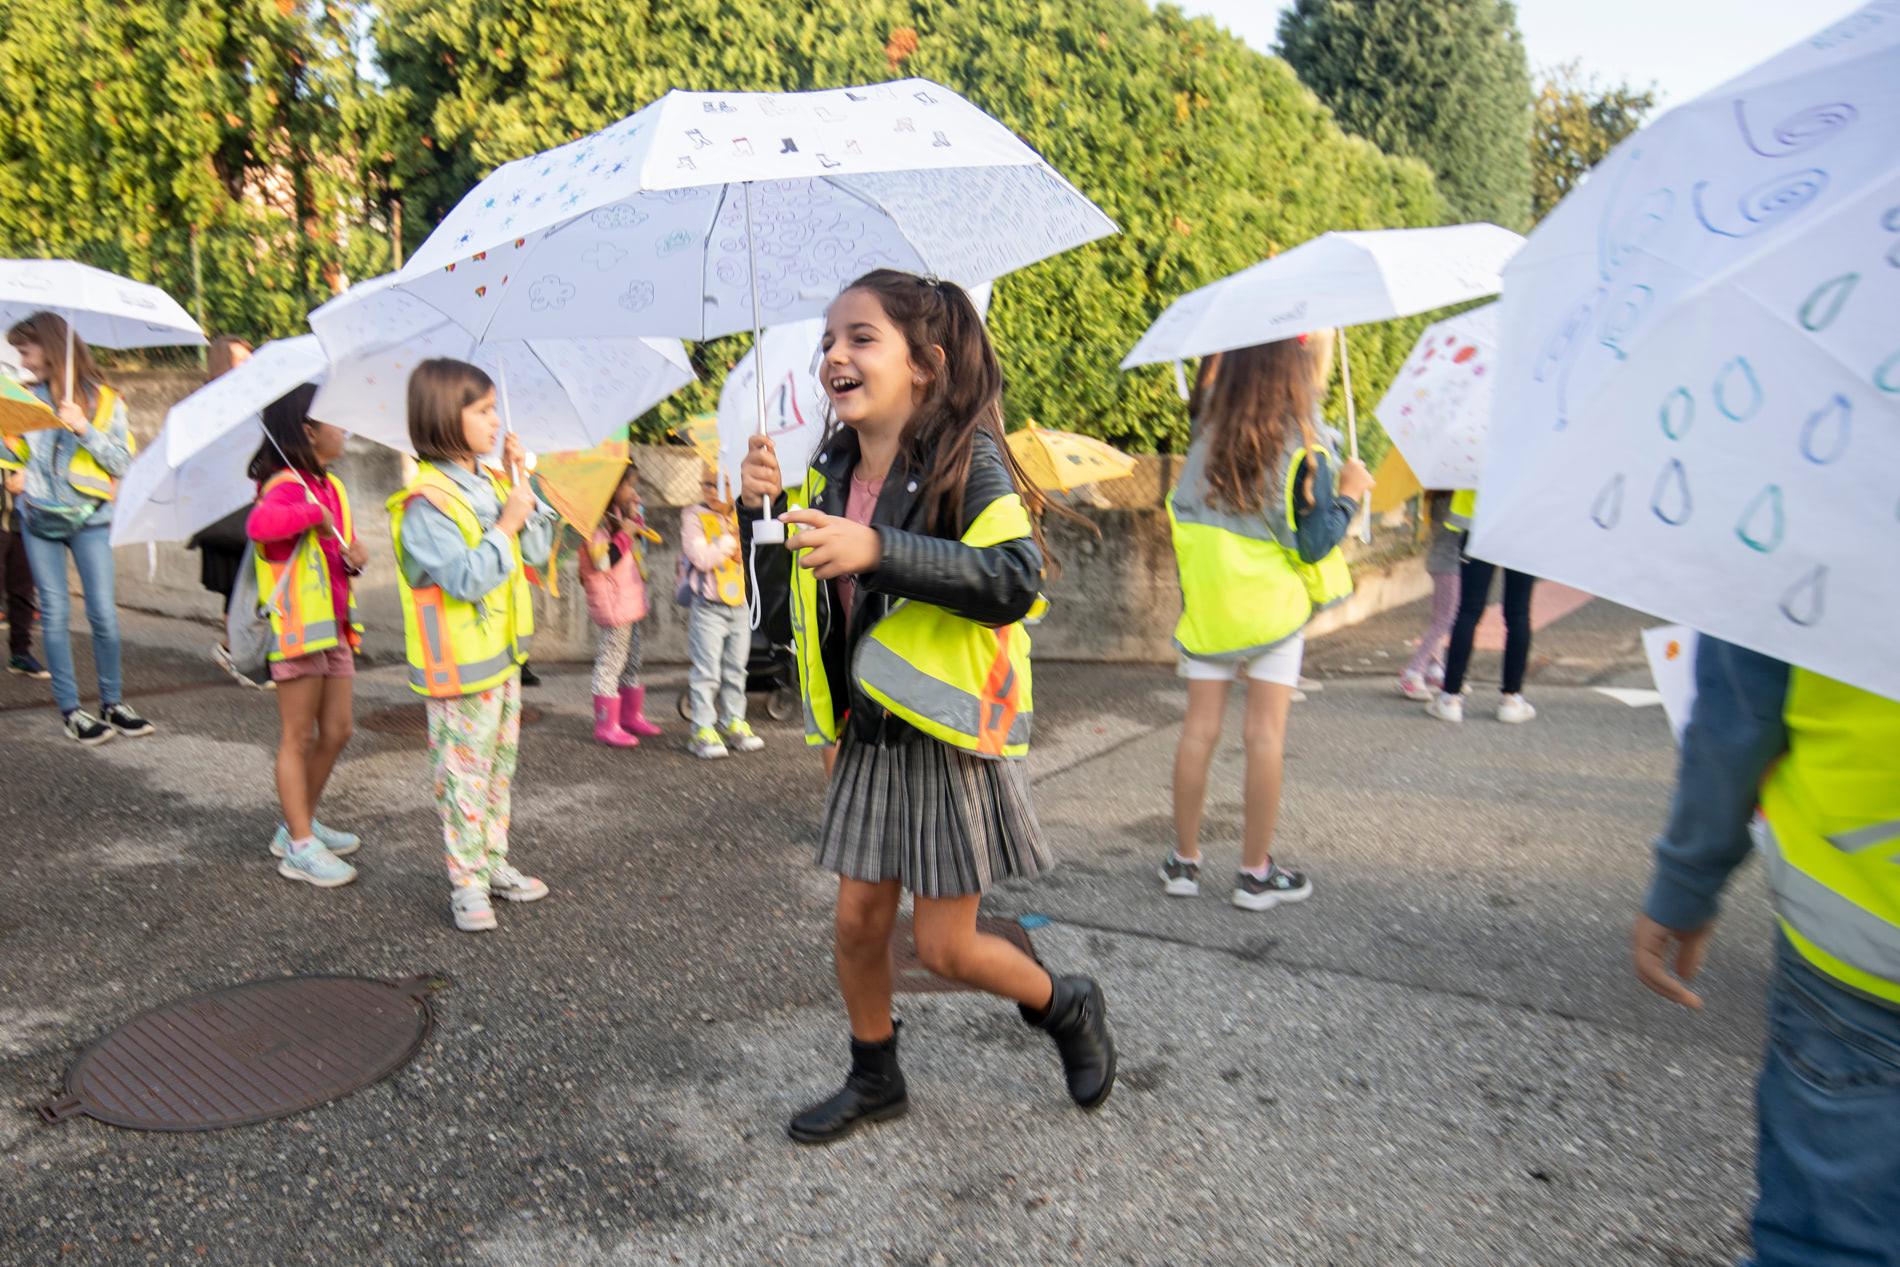 Giornata internazionale a scuola a piedi 2021